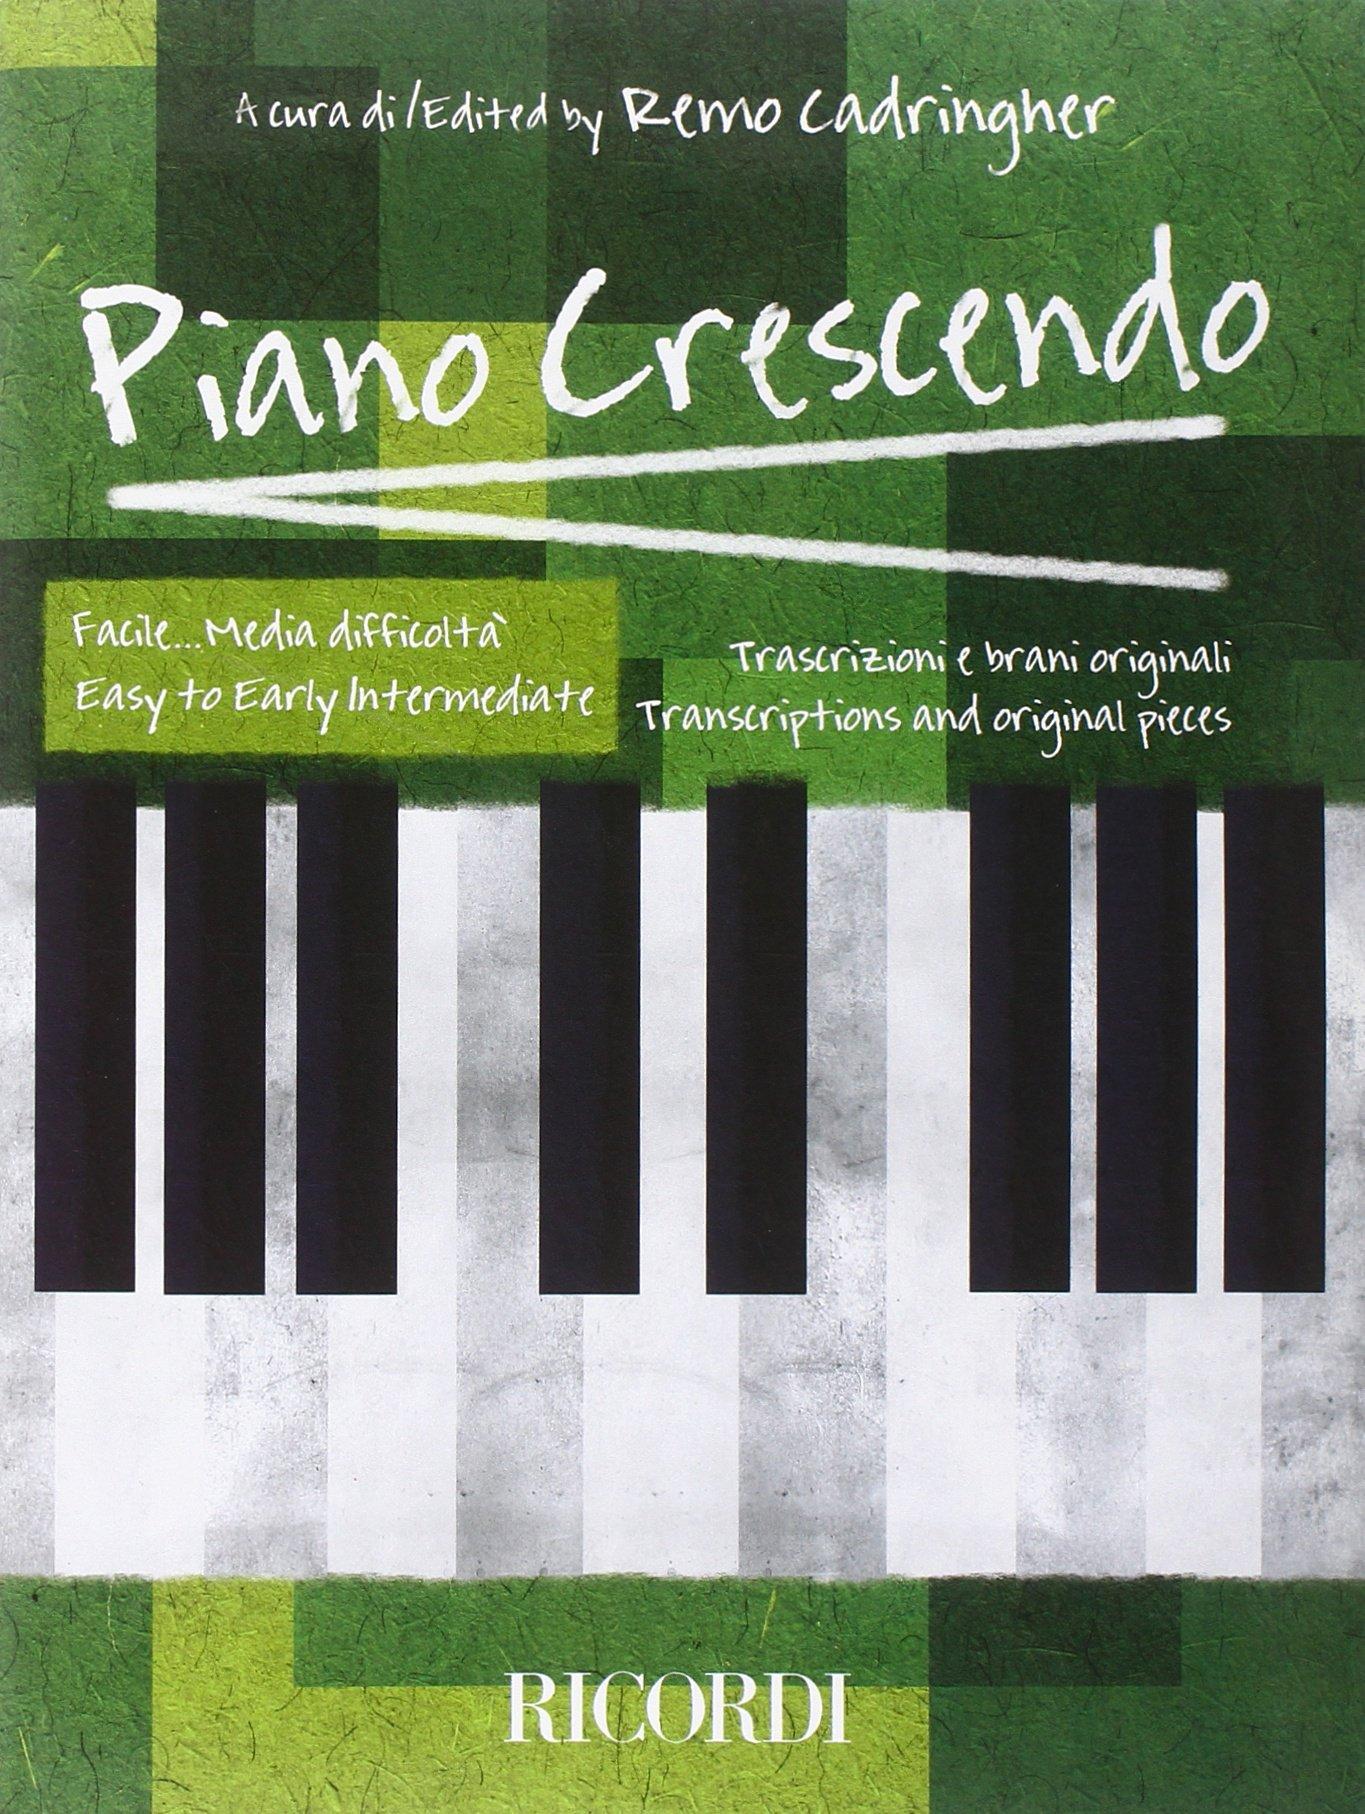 PIANO CRESCENDO - FACILE.MEDIA DIFFICOLTA Copertina flessibile – 8 feb 2012 AA.VV. Ricordi 004140467X Music